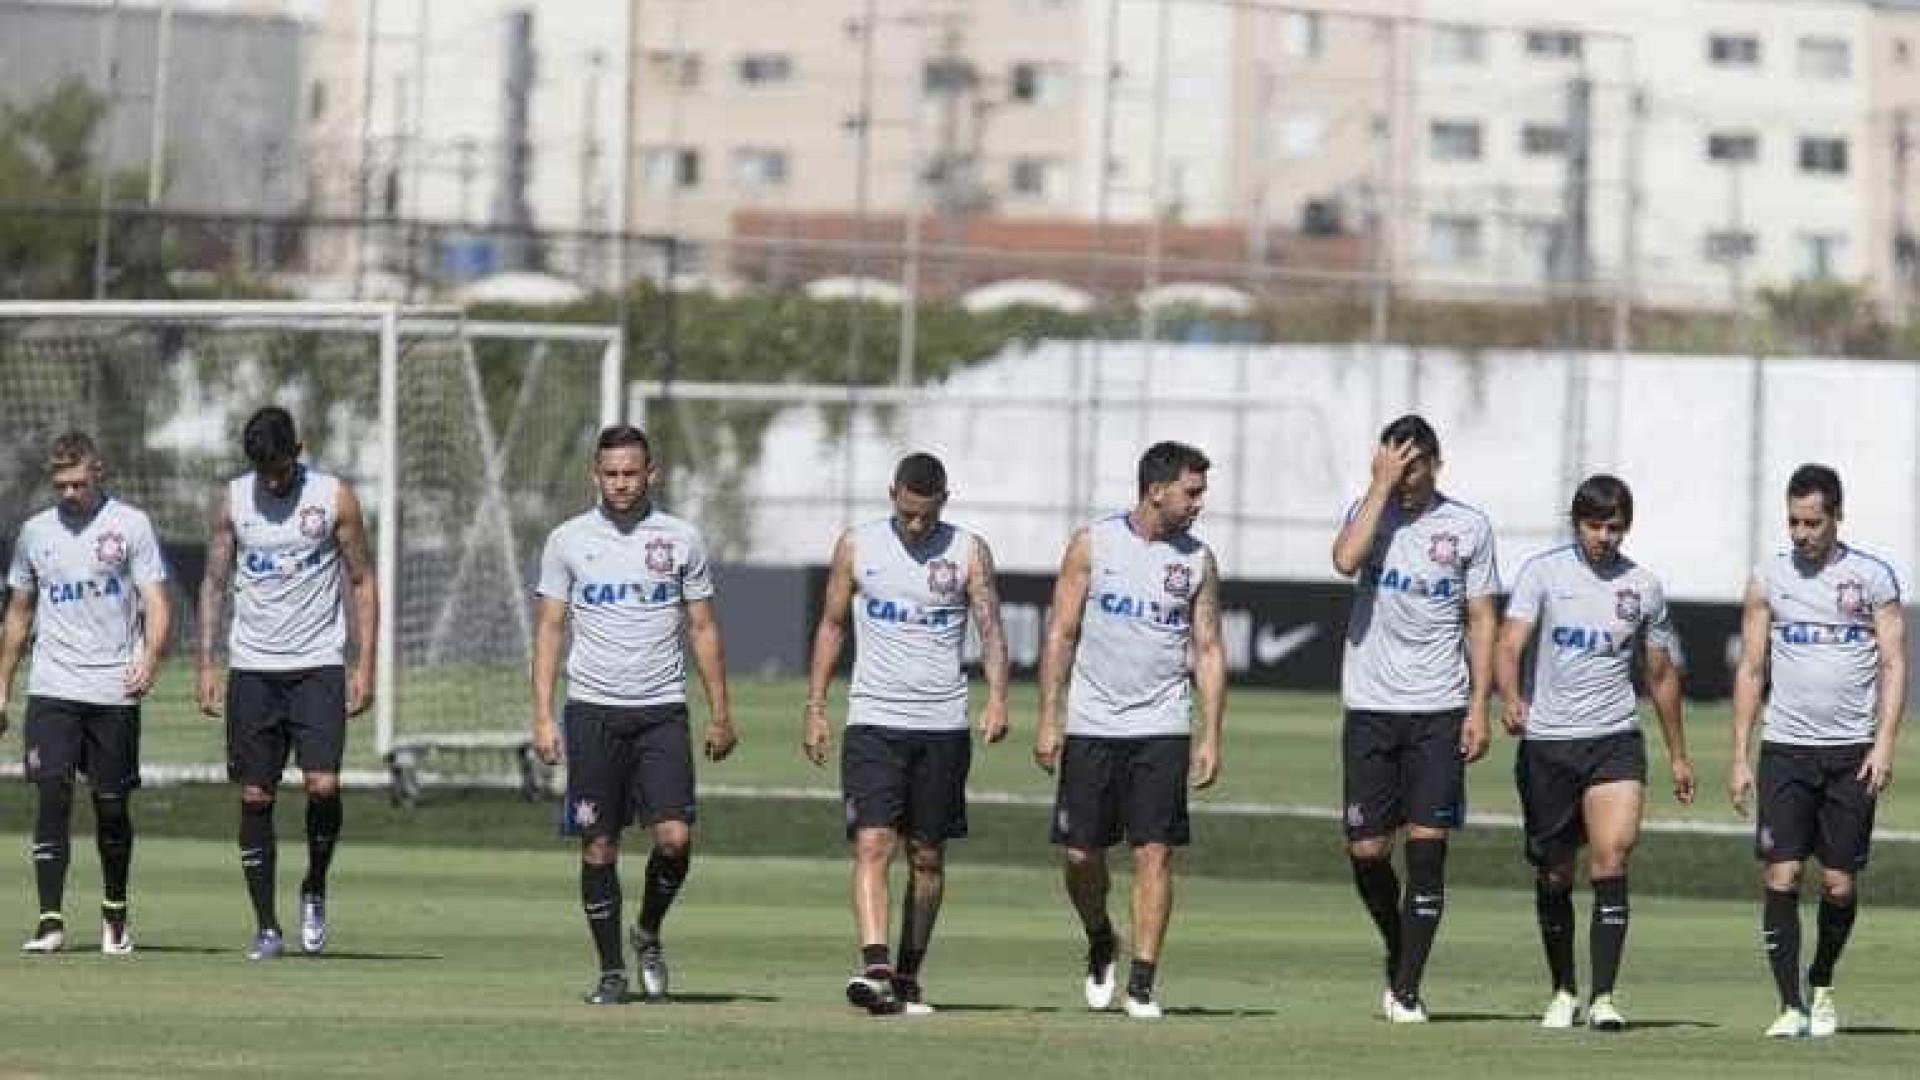 Atacante do Corinthians opera hérnia lombar e desfalca time por 2 meses